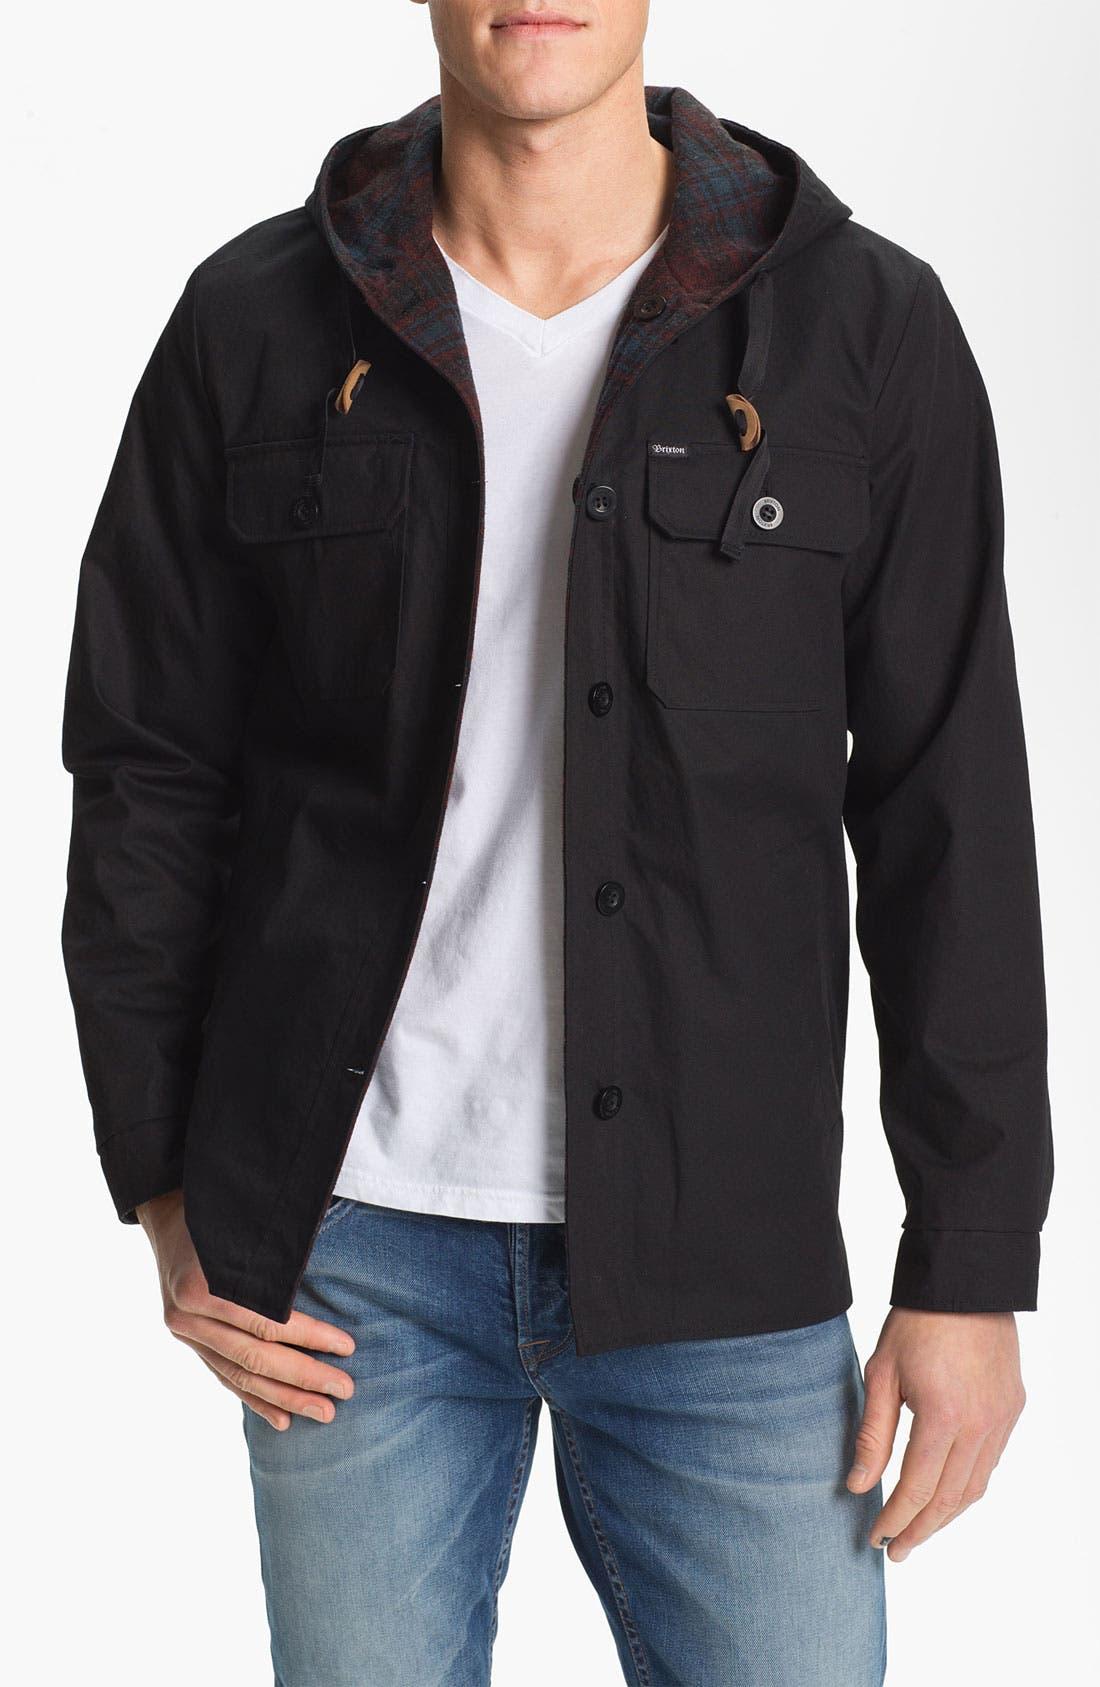 Main Image - Brixton 'Verso' Reversible Jacket